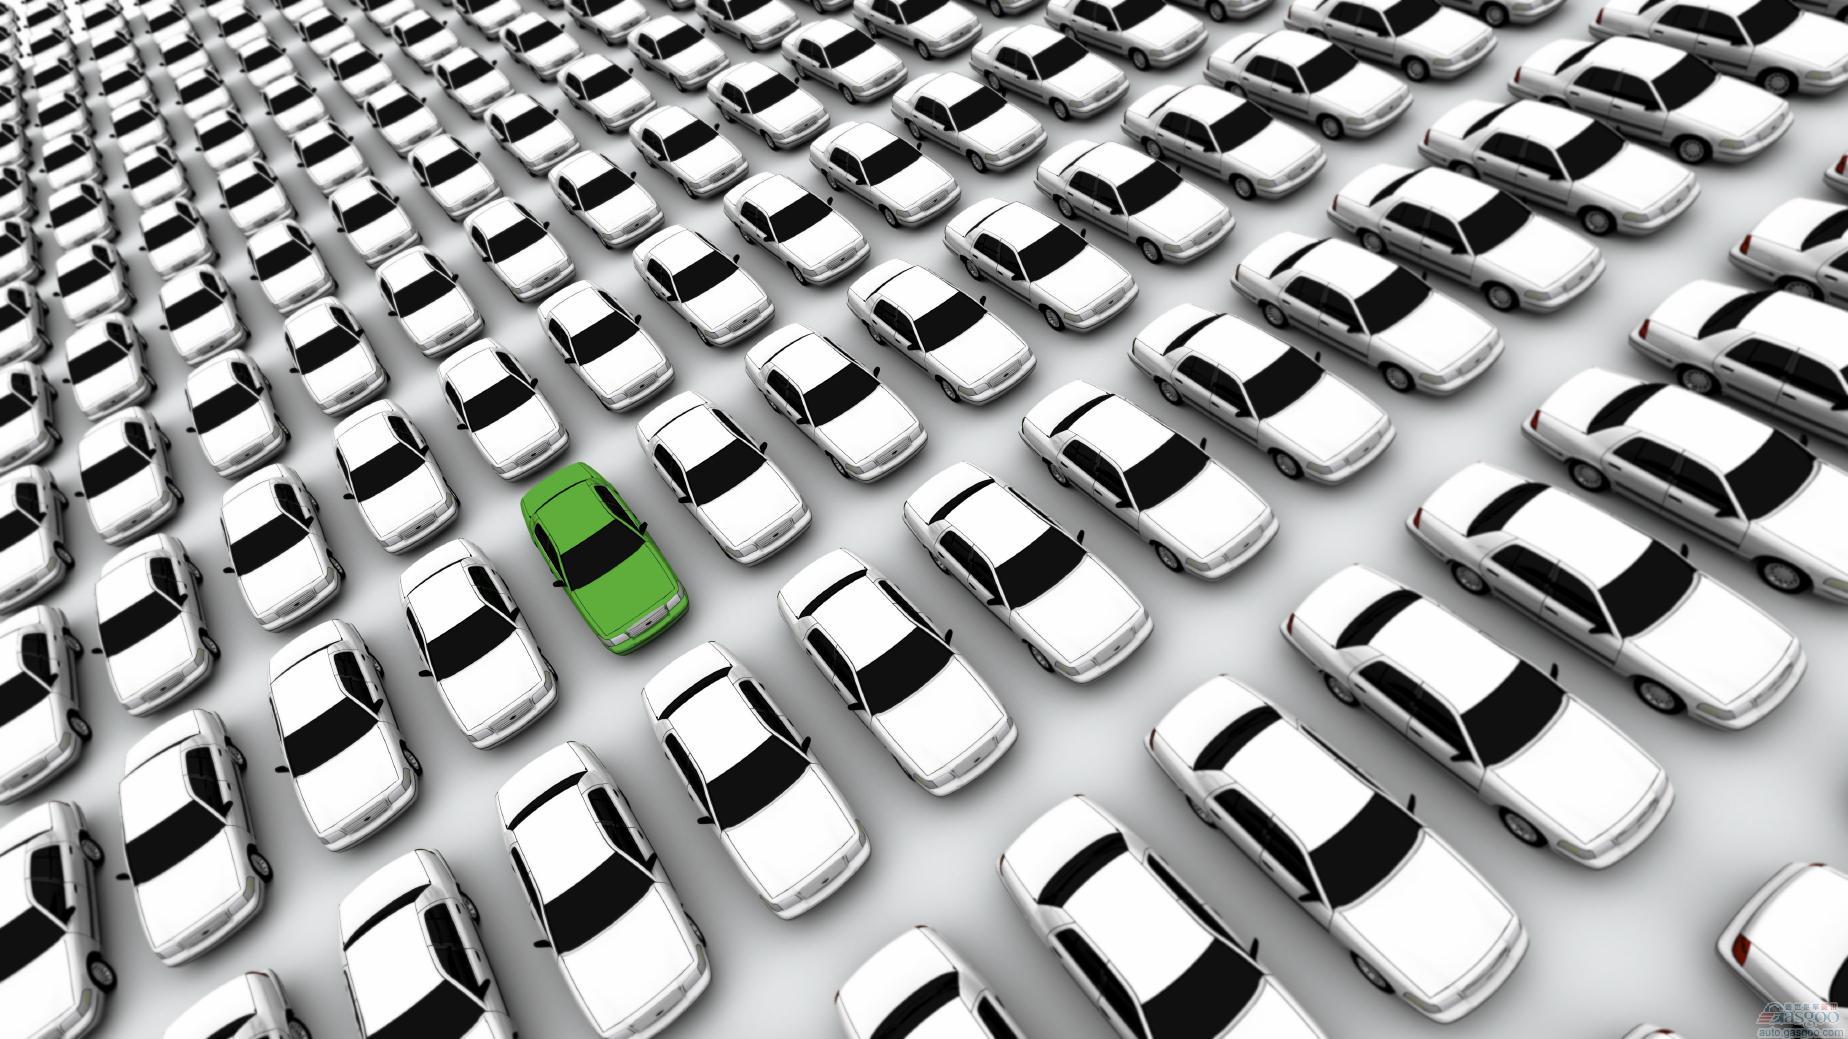 新能源车市场发展现拐点 动力电池回收成机遇